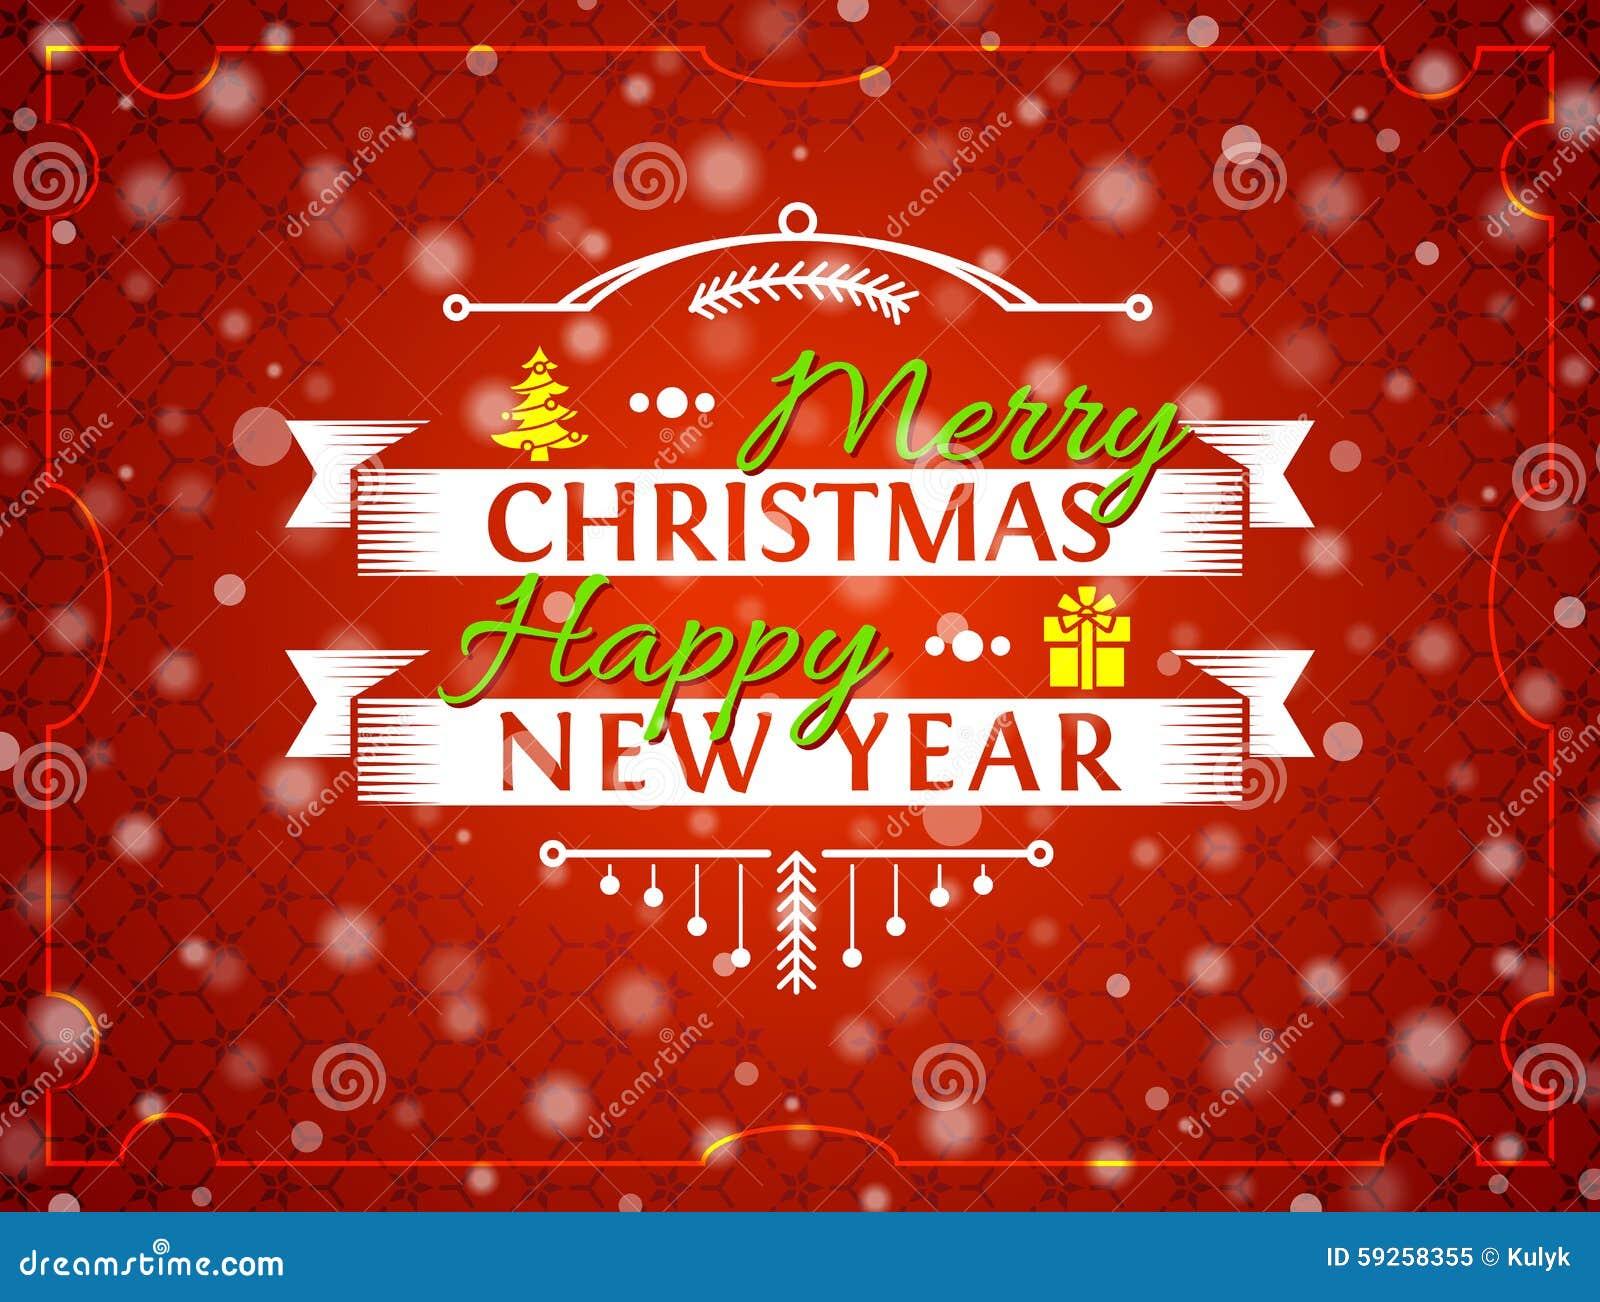 Lettera Di Auguri Di Natale In Inglese.Augurio In Inglese